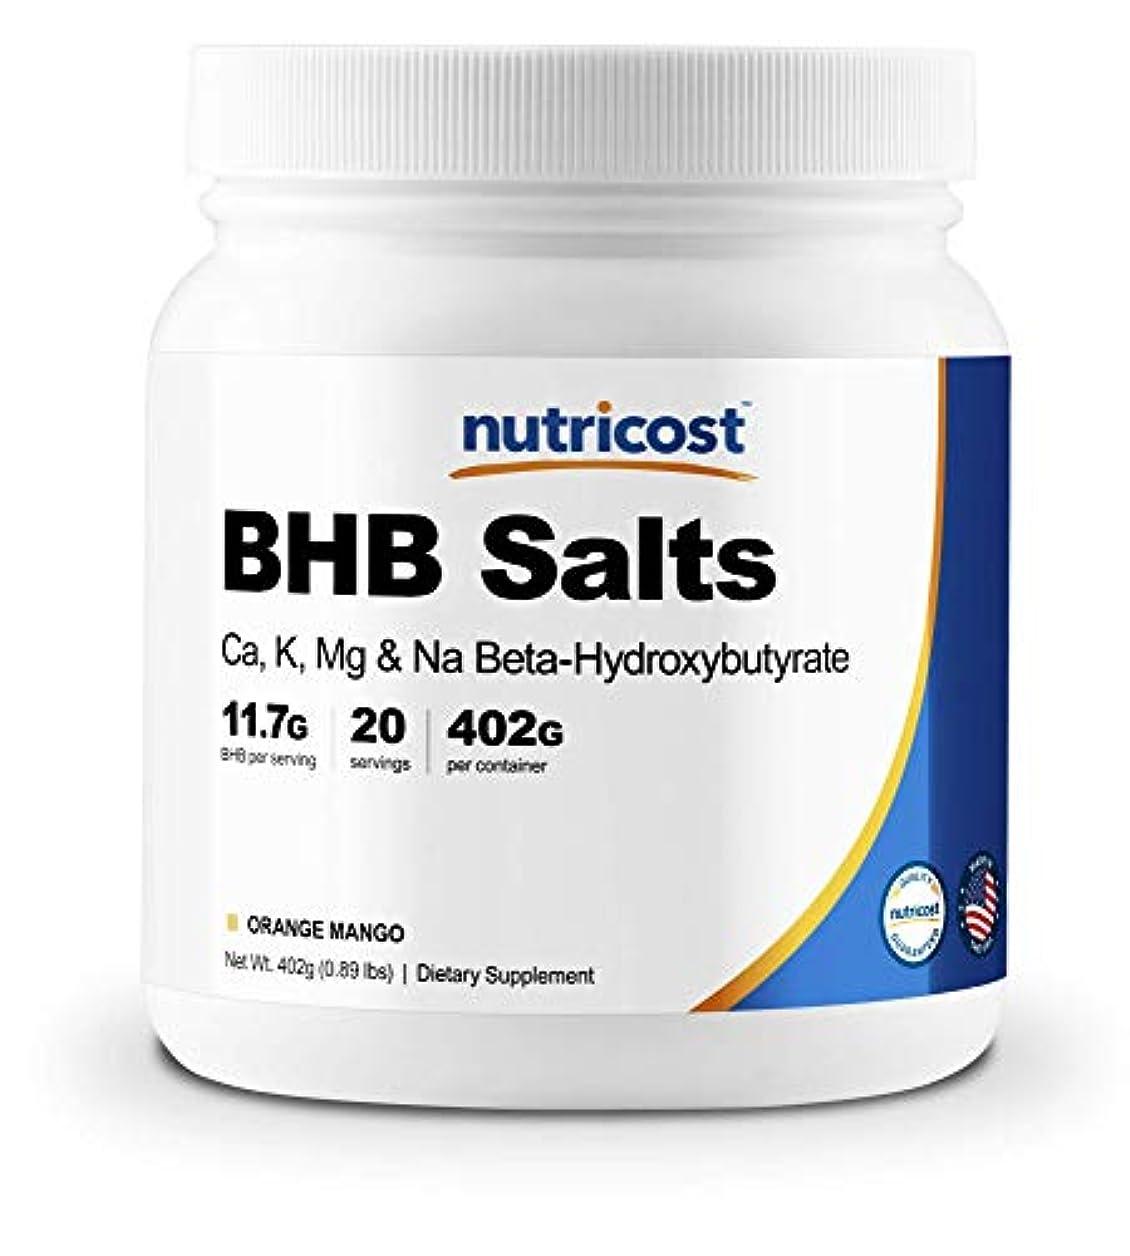 ドラゴン砂漠公園Nutricost BHB パウダー(外因性ケトン塩)、オレンジマンゴー味、非GMO、グルテンフリー